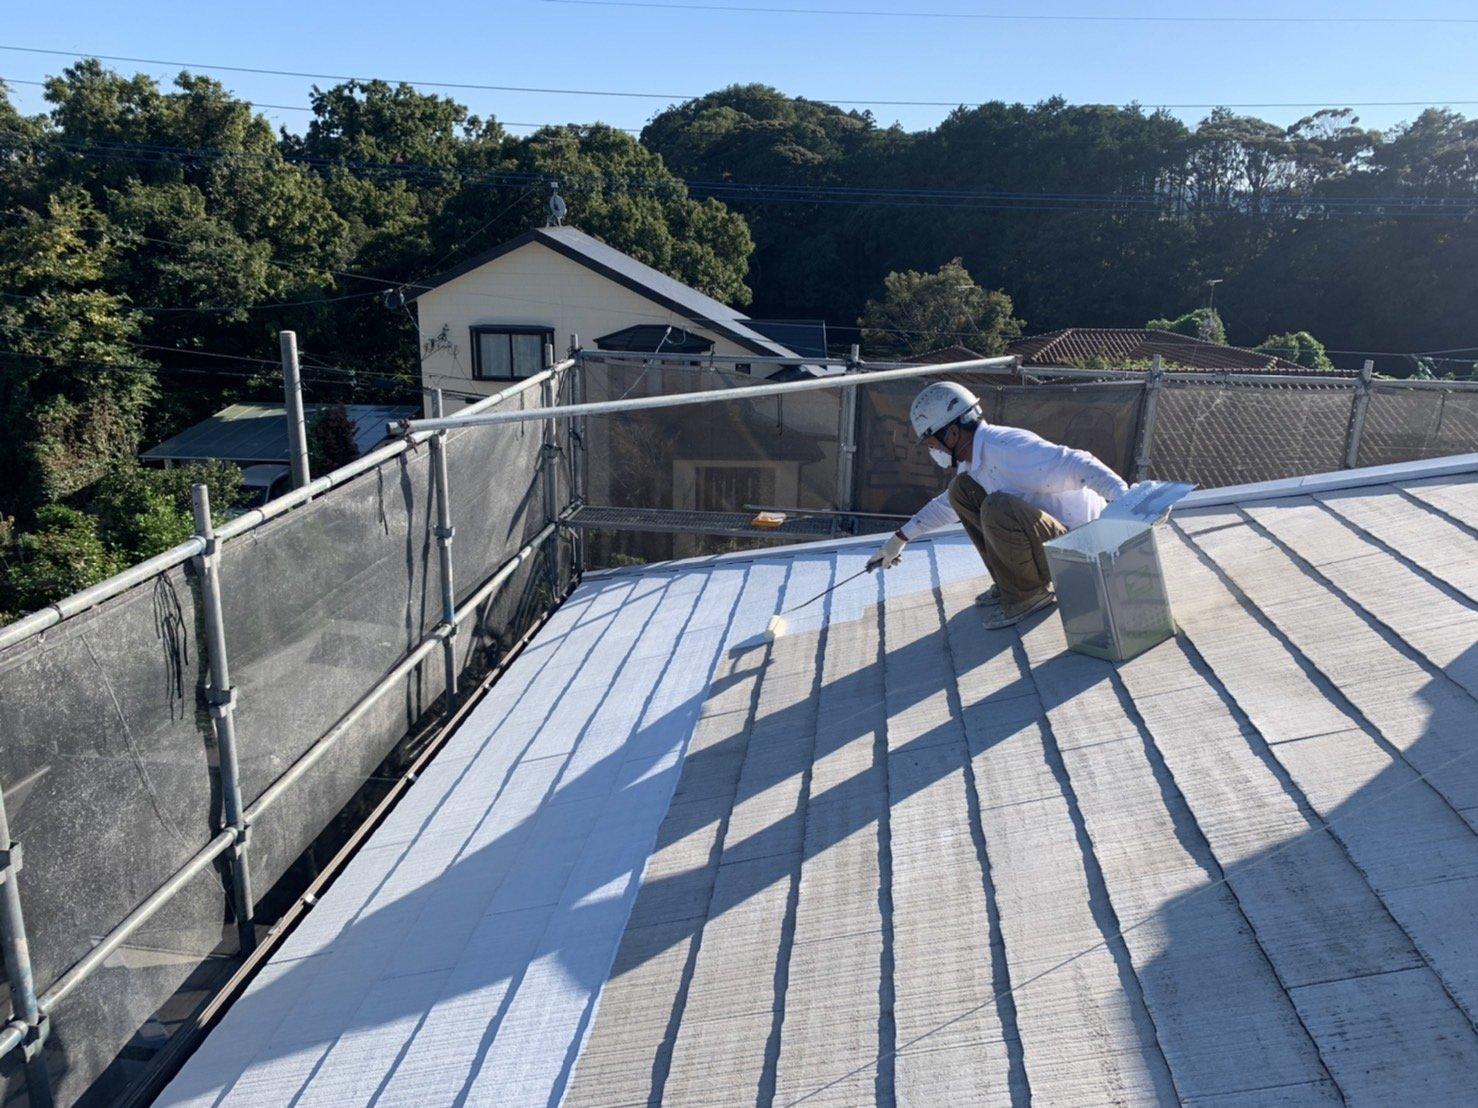 宗像市自由ヶ丘N様邸施工4目外壁下地調整軒天1回目屋根下塗り作業